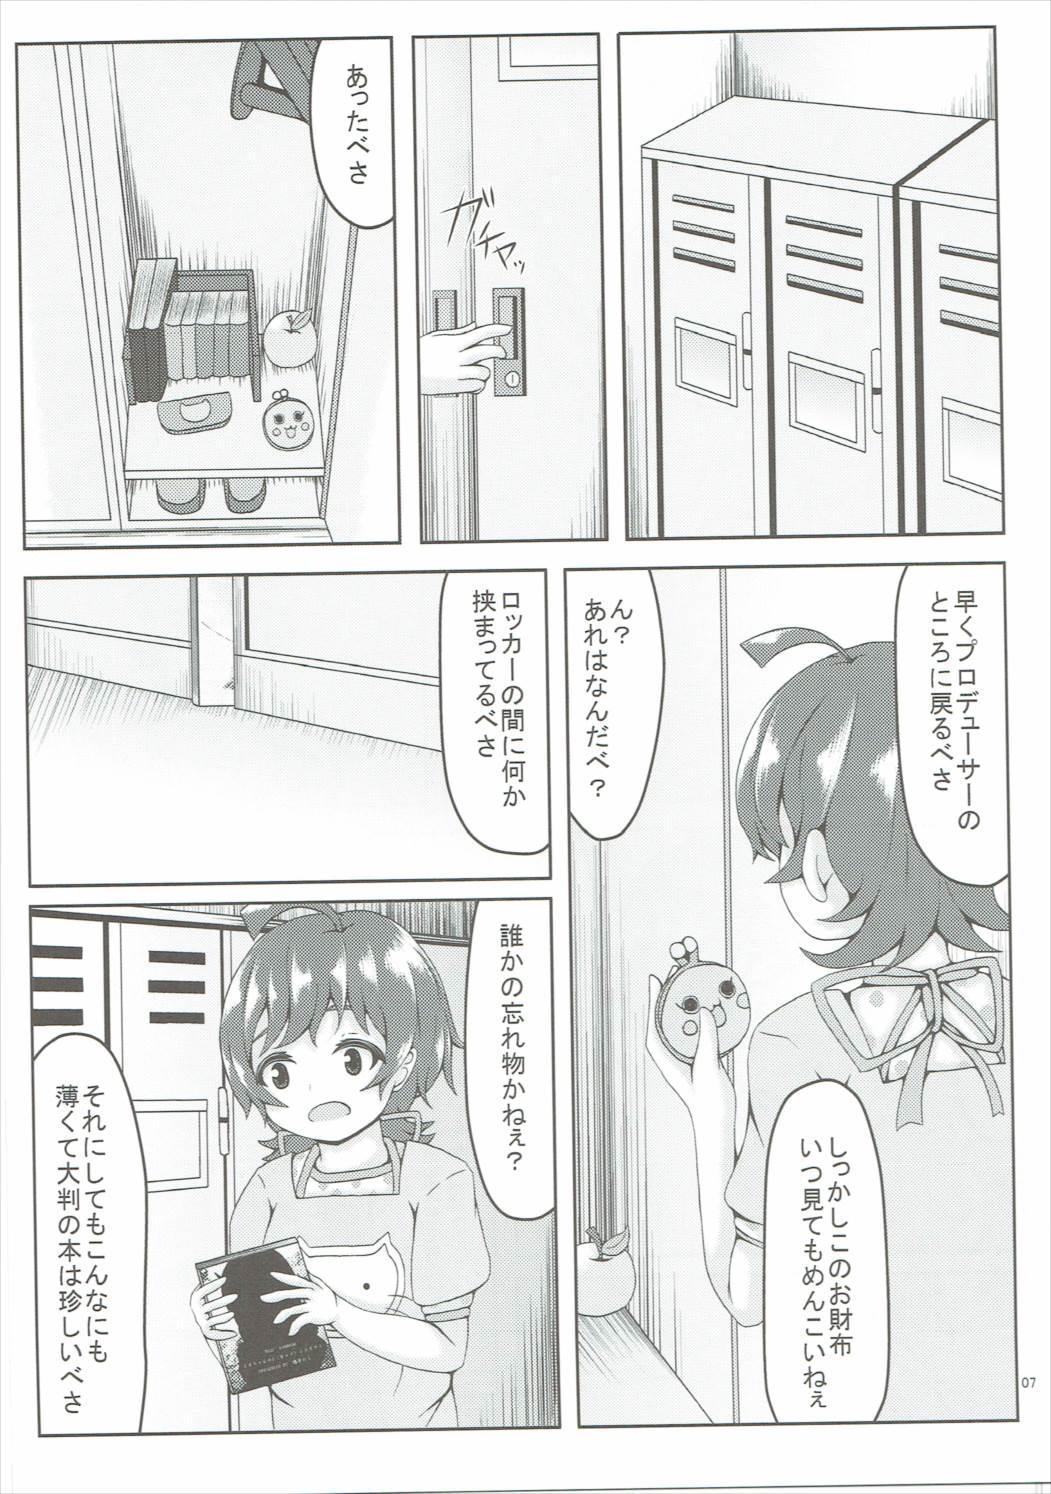 Koi Suru Taiyou no Hana 5